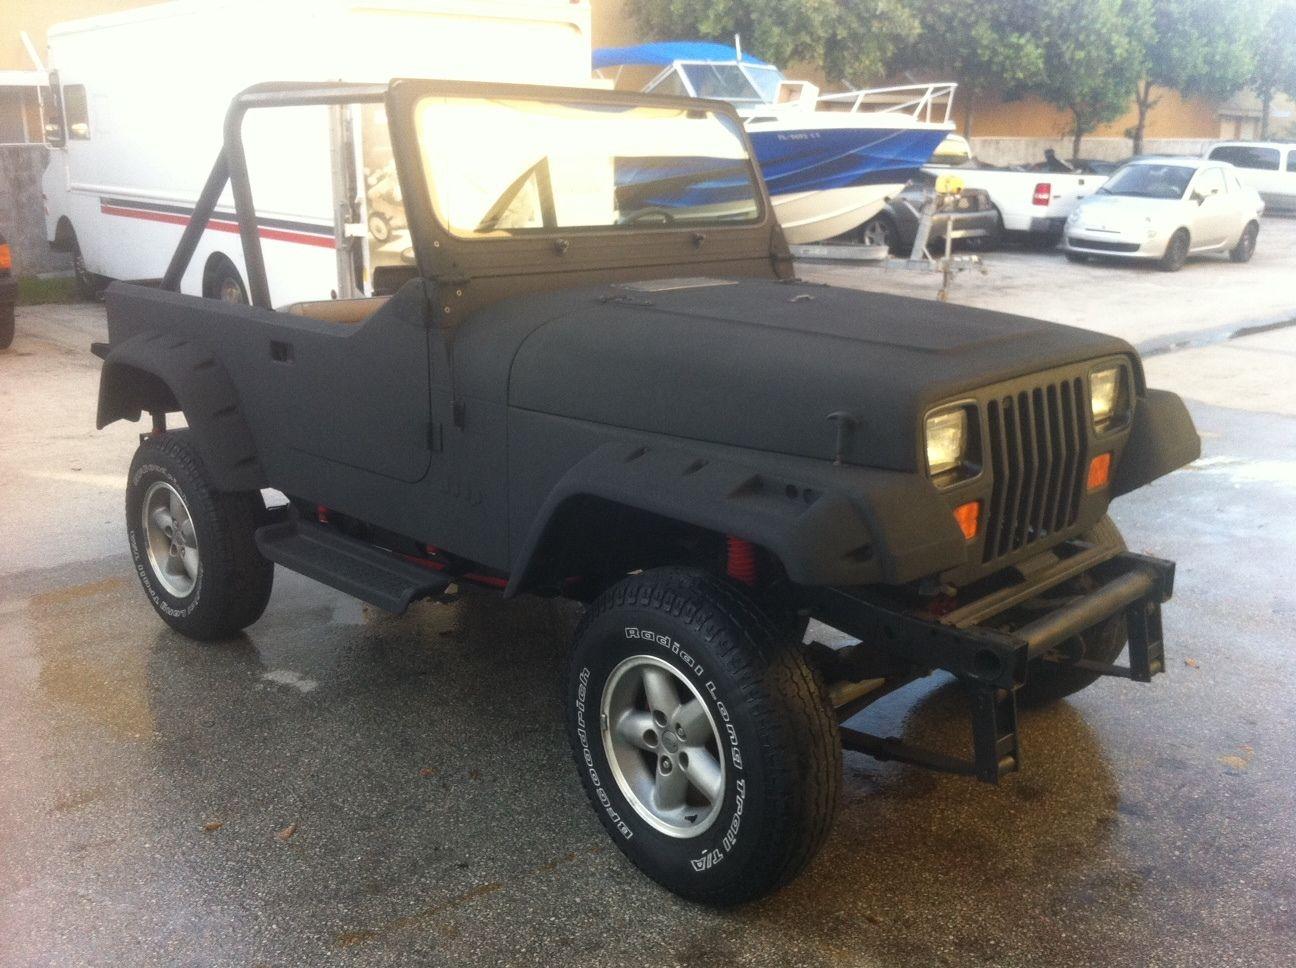 matte black jeep wrangler for sale florida autos post. Black Bedroom Furniture Sets. Home Design Ideas